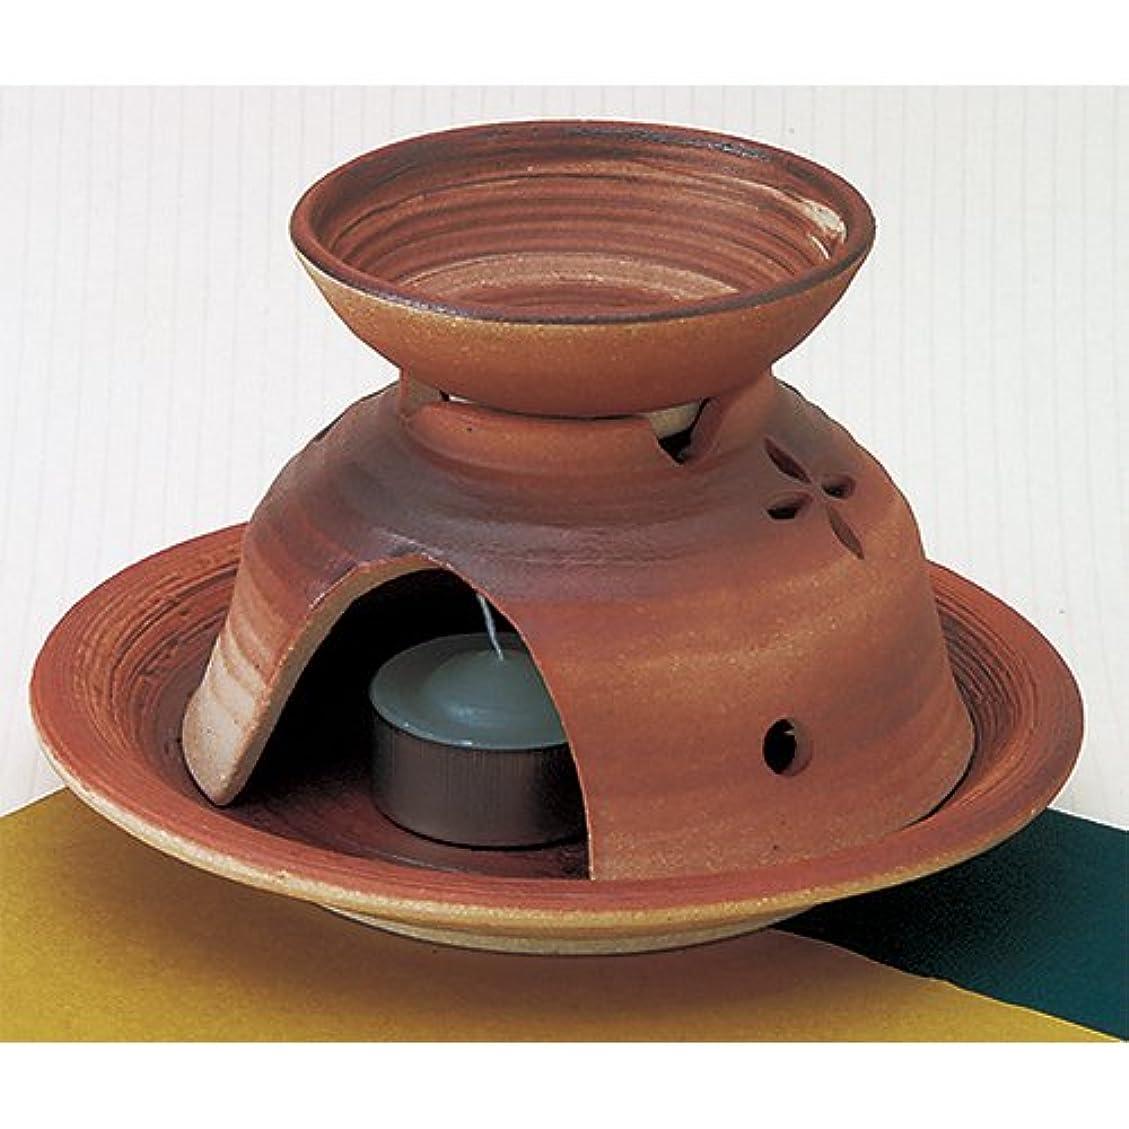 成功する租界不十分香炉 花抜き 茶香炉 [R15xH9.5cm] HANDMADE プレゼント ギフト 和食器 かわいい インテリア